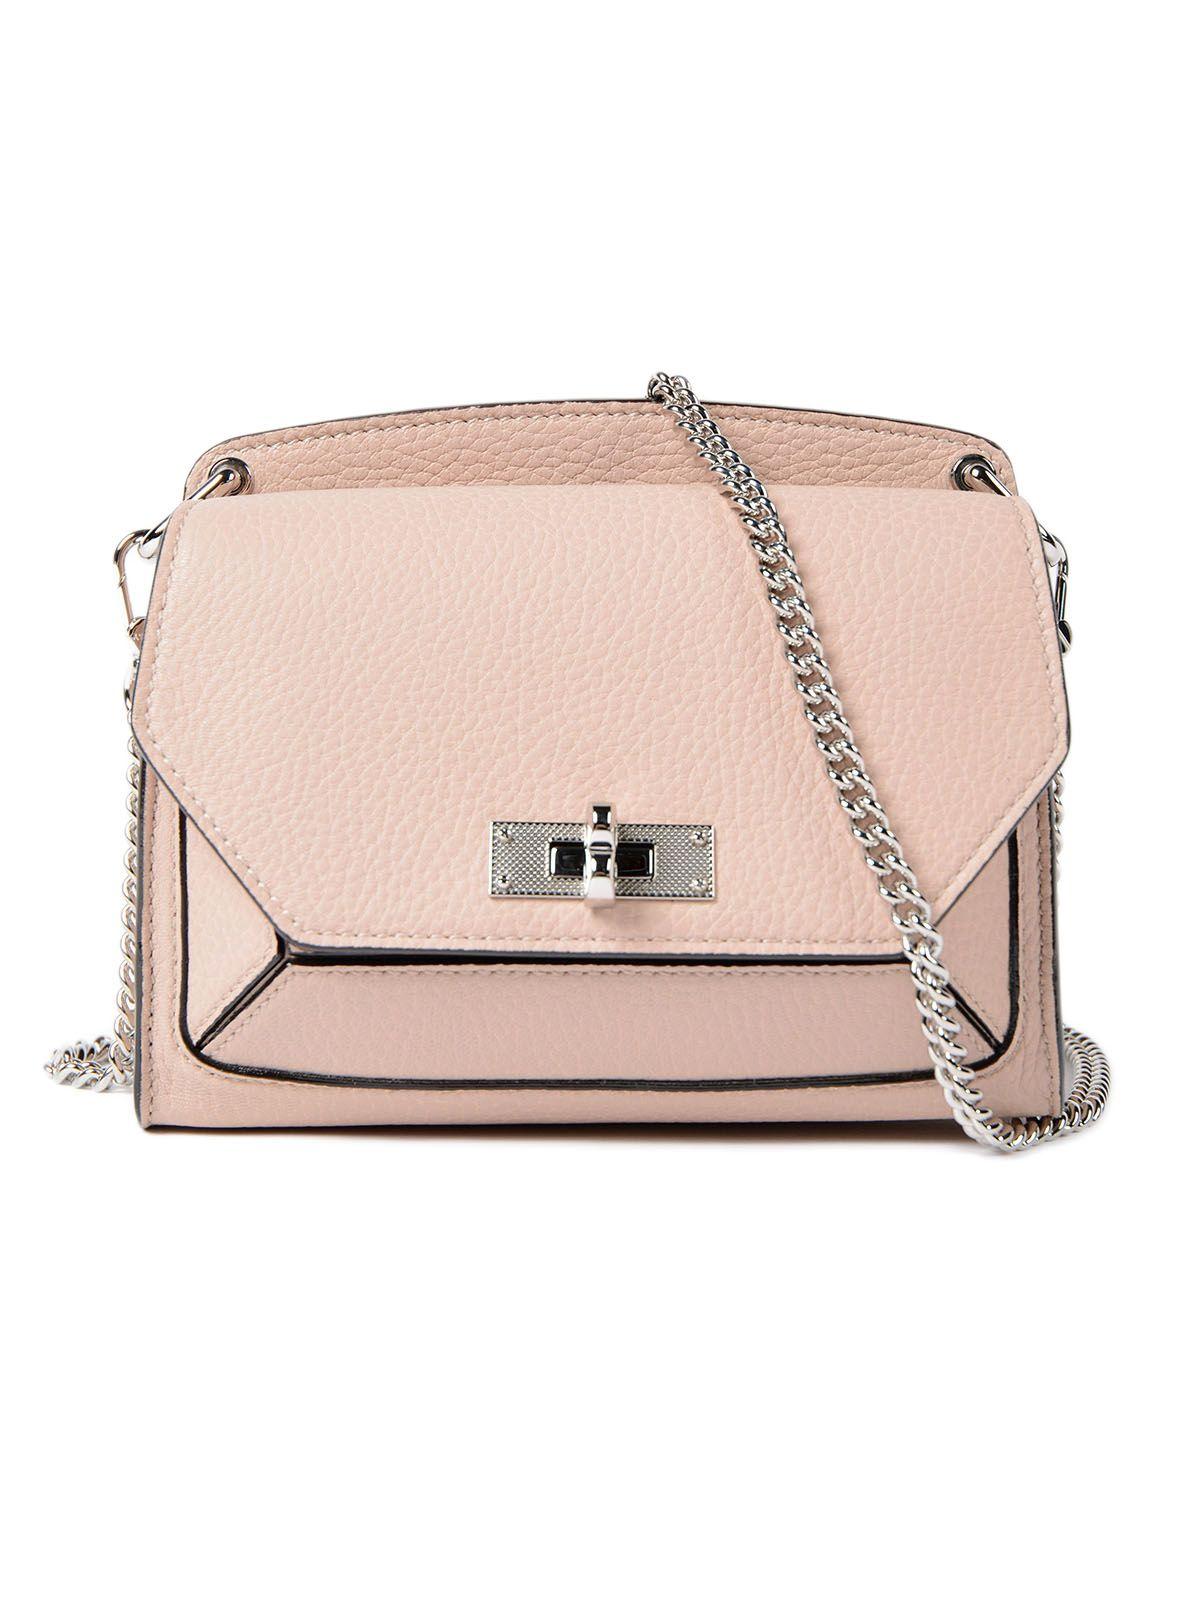 Bally Suzy Sm Bag